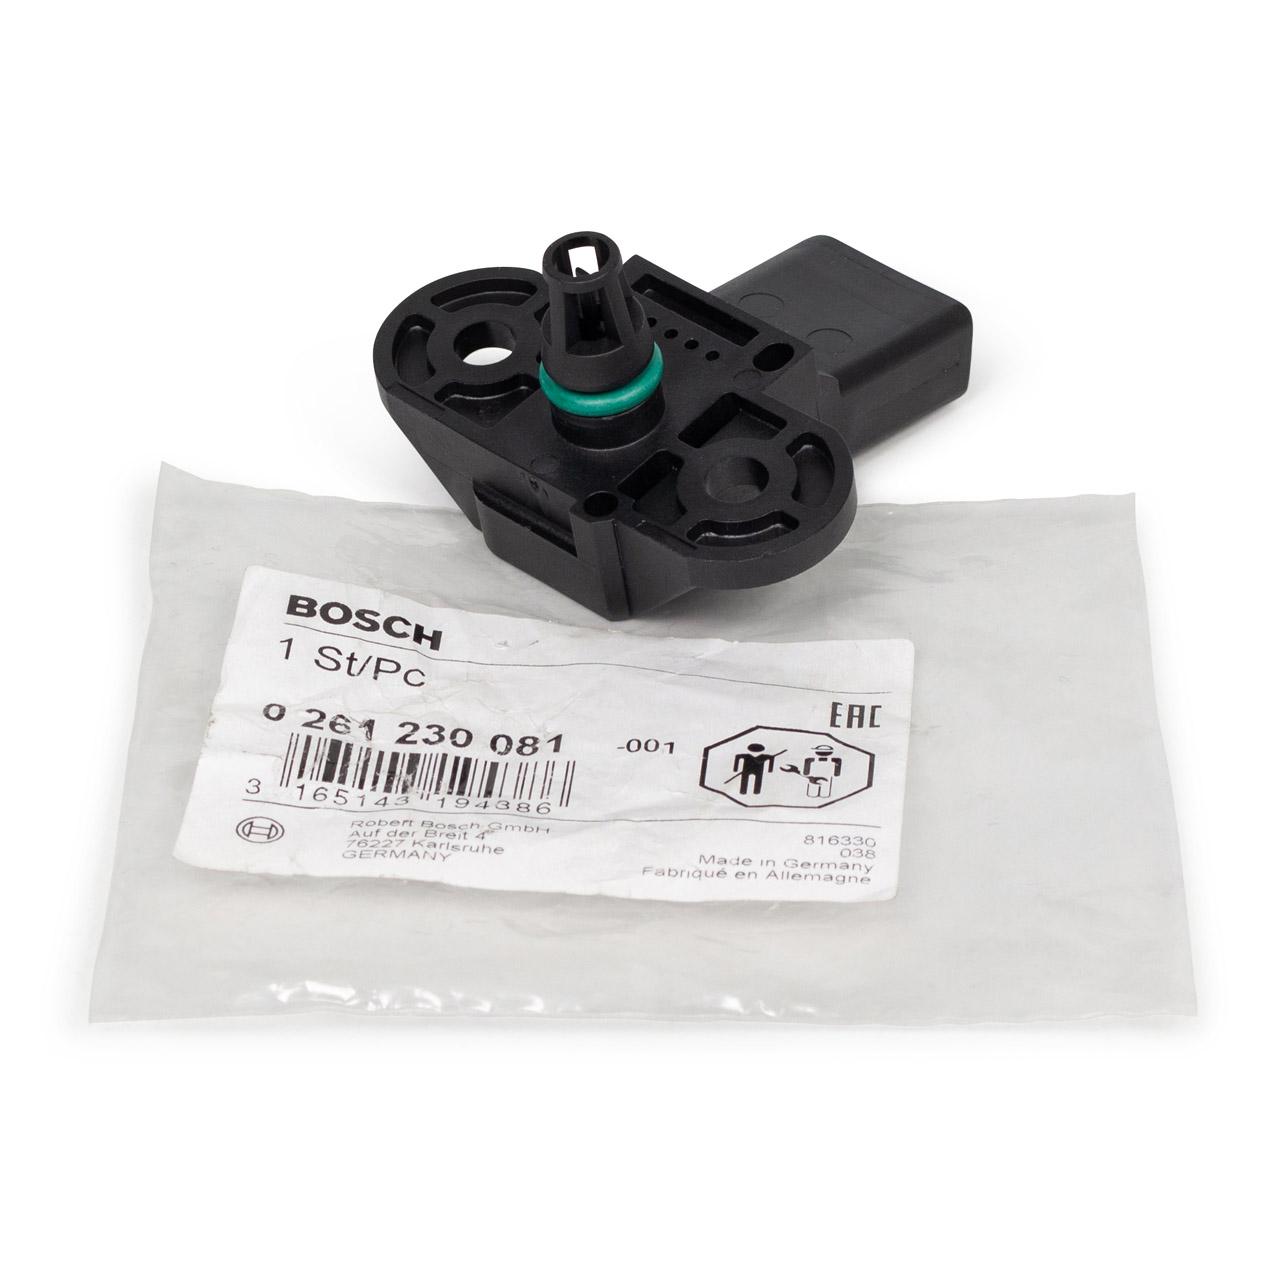 BOSCH 0261230081 Drucksensor VW Golf 5 6 Passat Polo AUDI A1 A3 A4 A5 A6 A7 A8 Q3 Q5 Q7